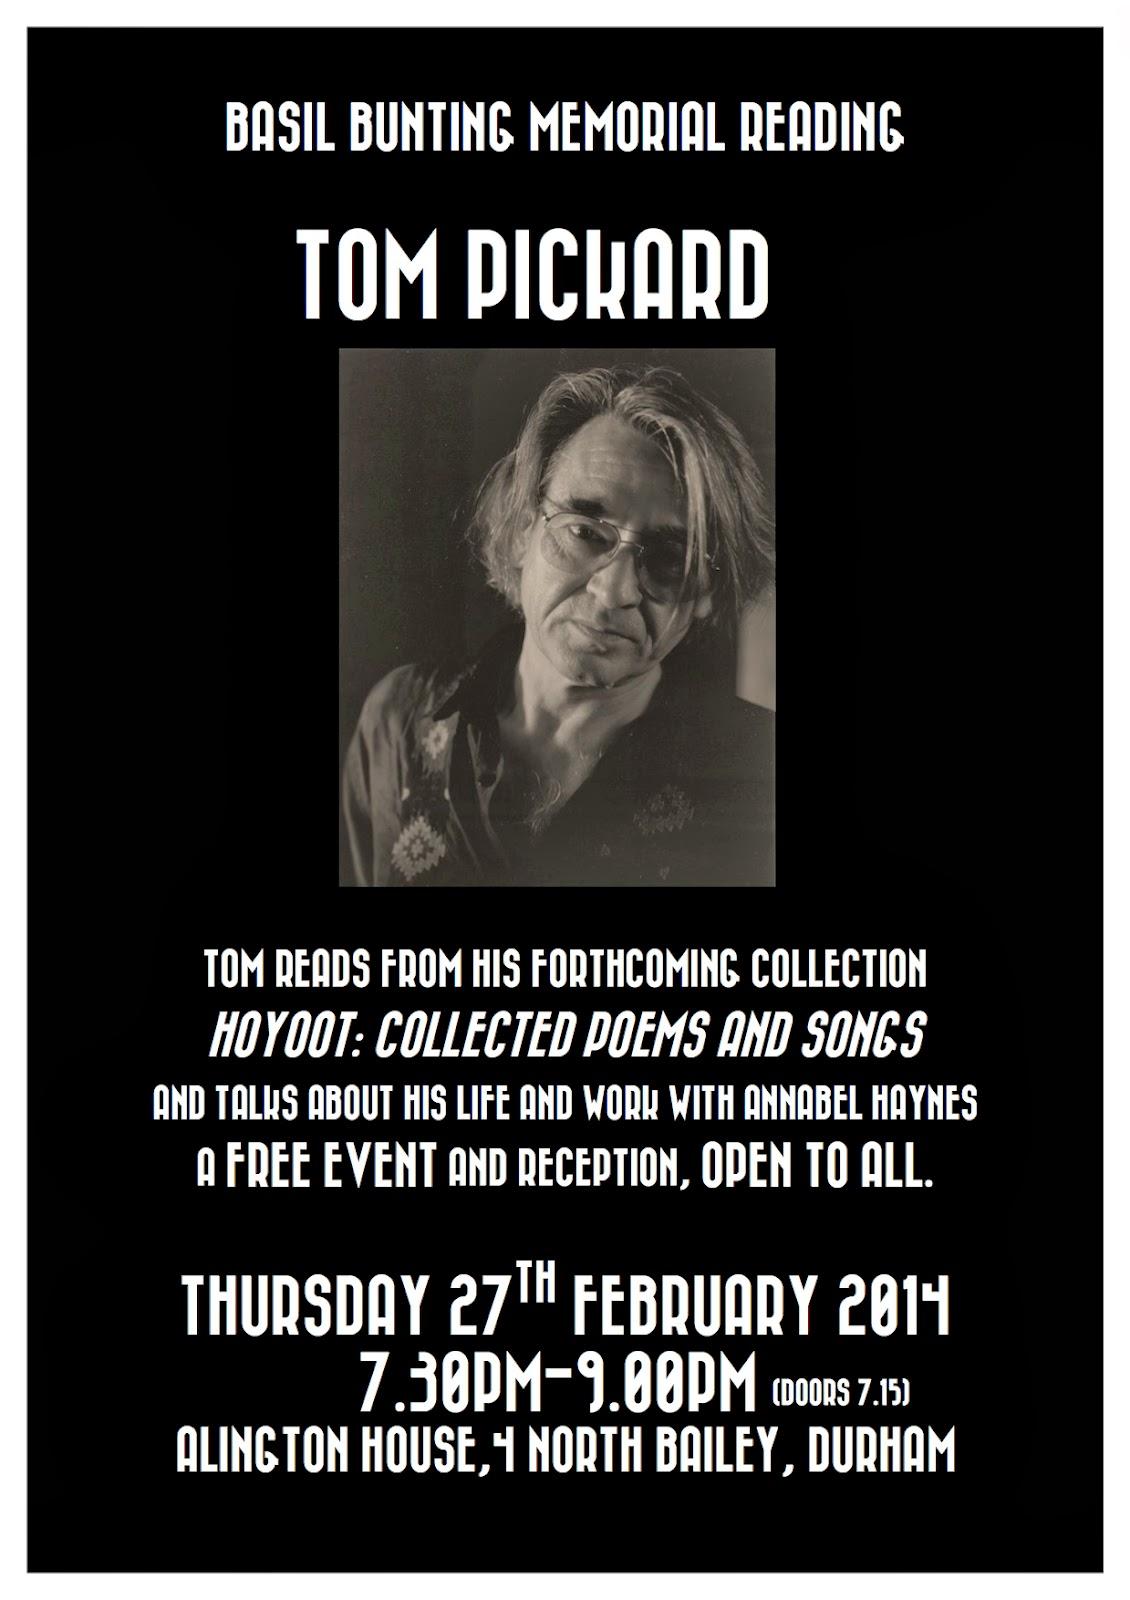 Tom Pickard